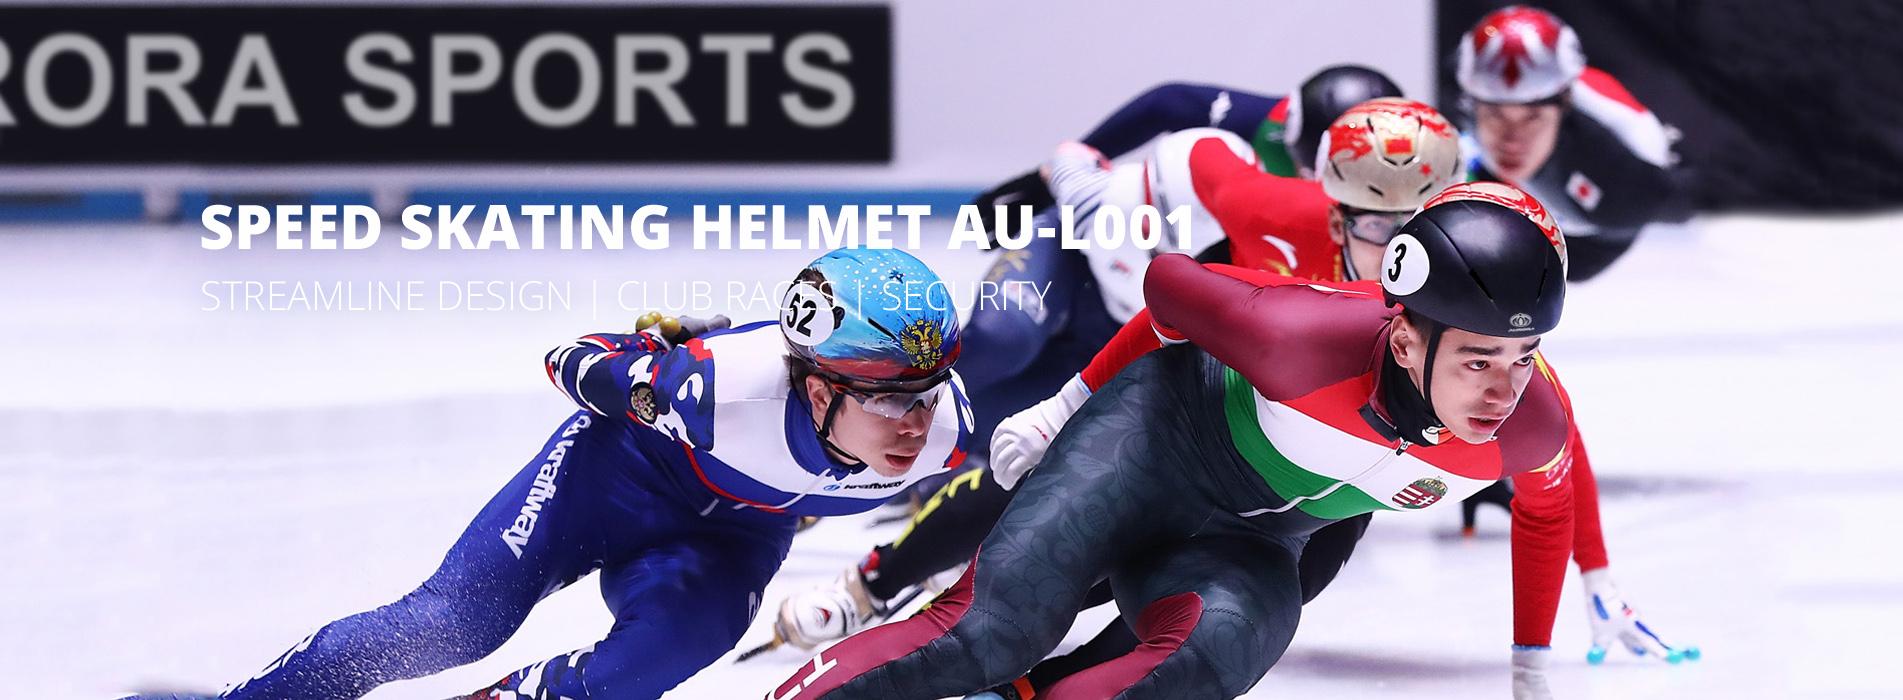 speed skating helmet au-l001